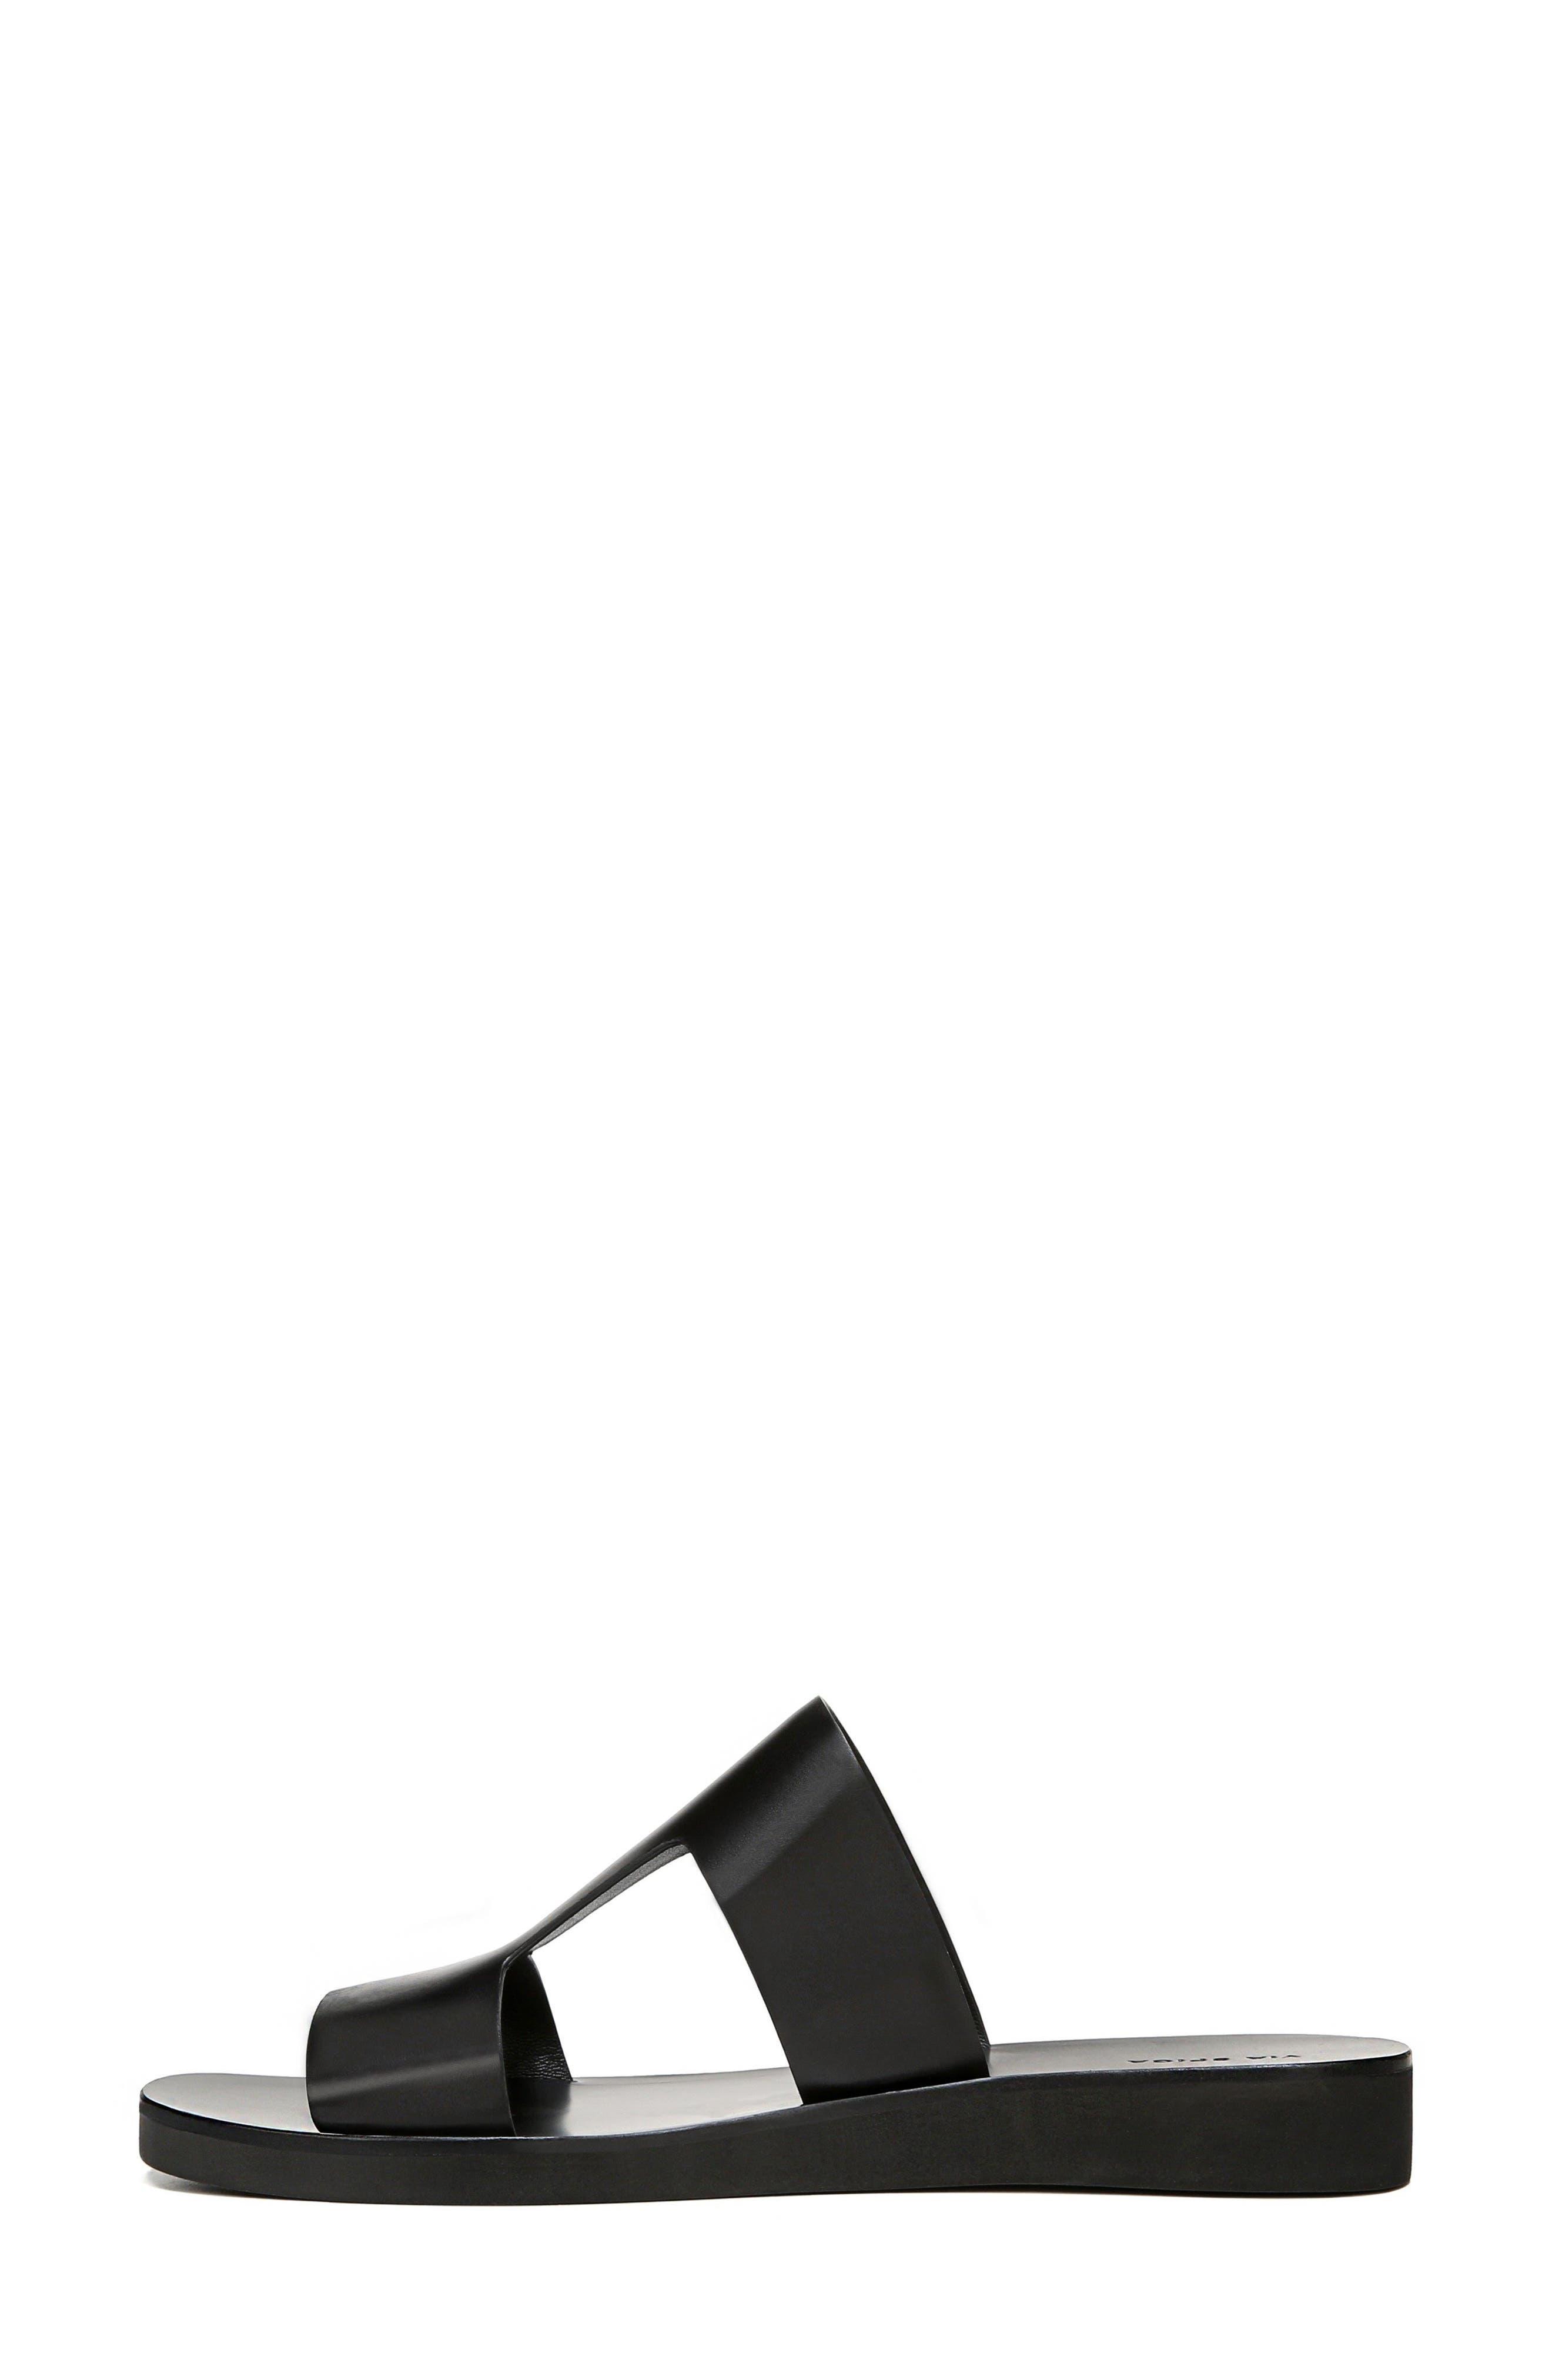 Blanka Sandal,                             Alternate thumbnail 3, color,                             001